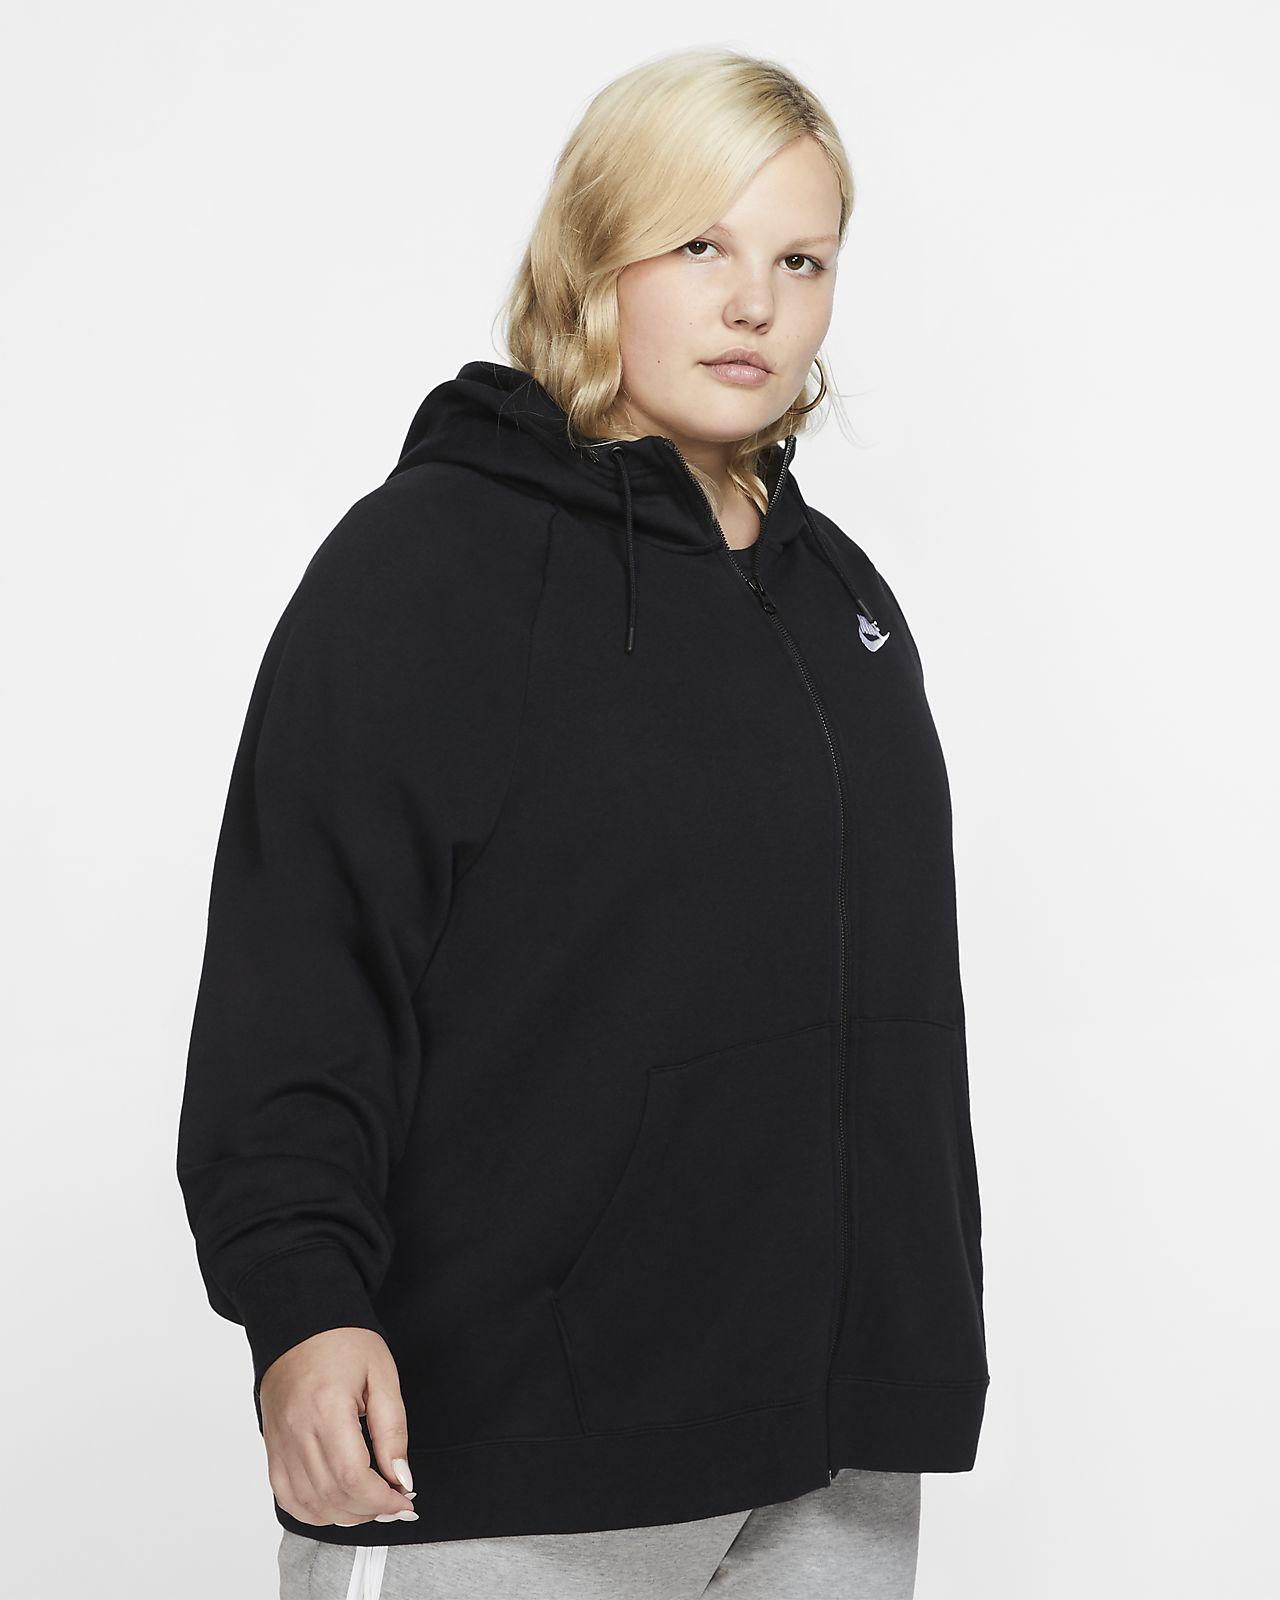 Nike Sportswear Essential-hættetrøje med lynlås i fuld længde til kvinder (Plus Size)